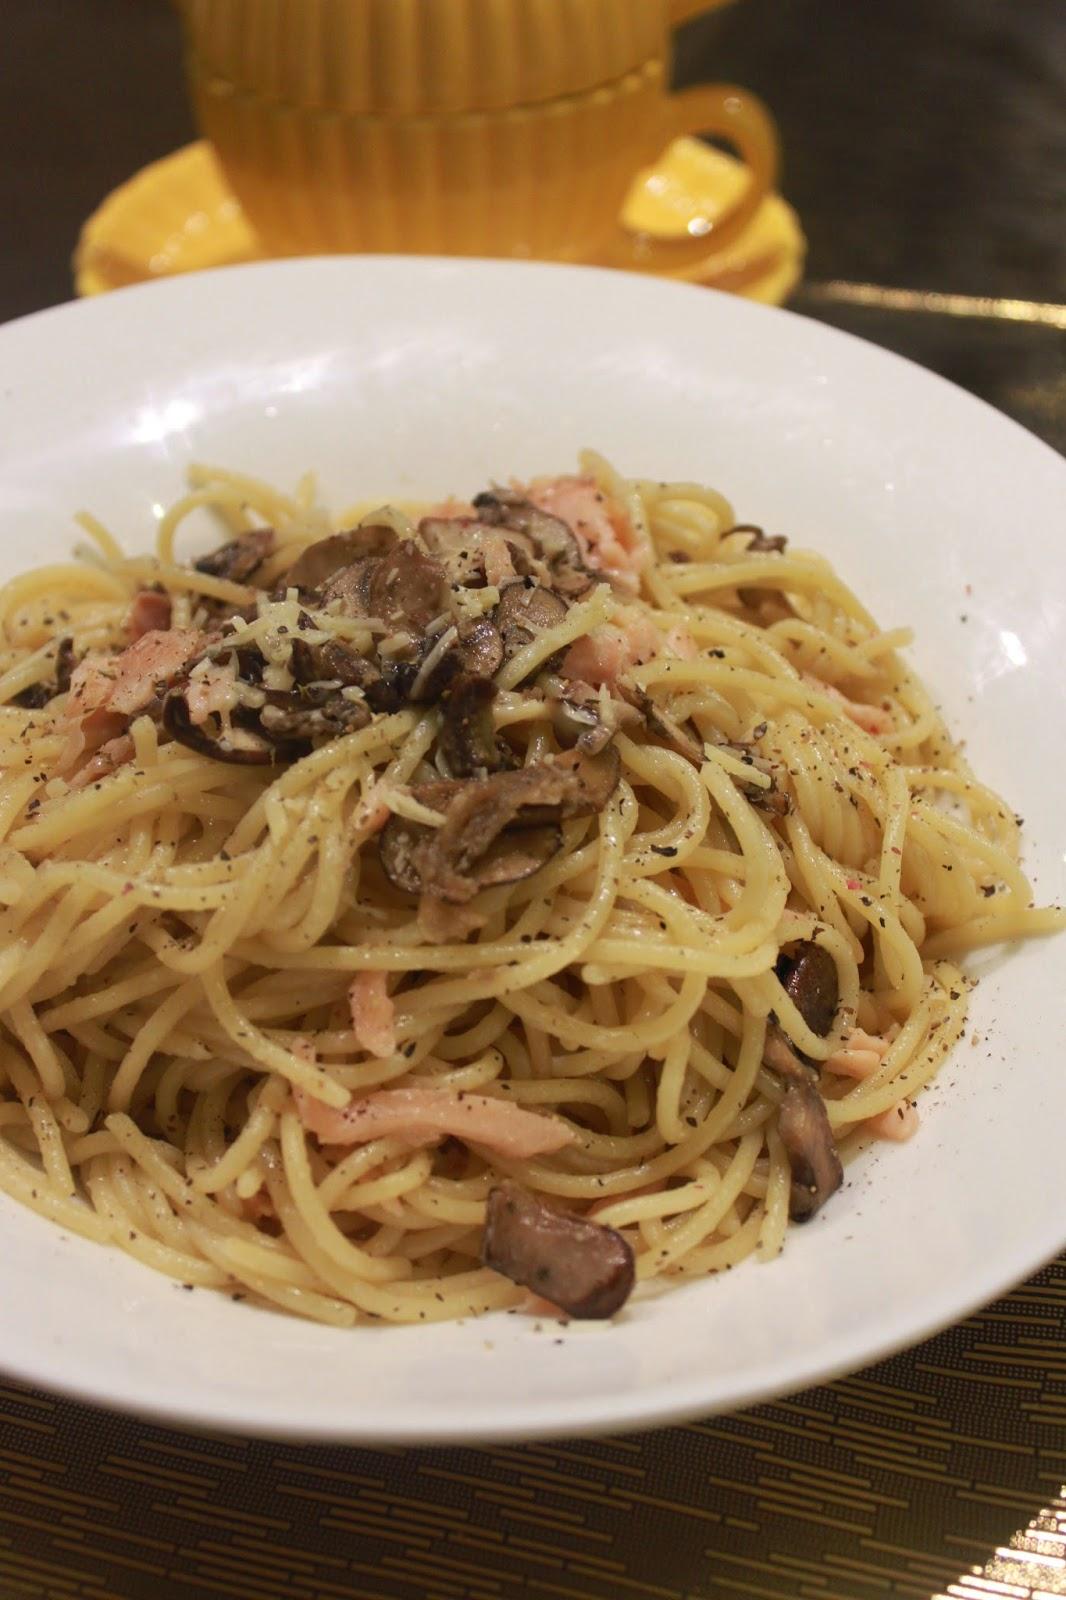 大蚊廚房 : 忌廉煙三文魚蘑菇炒意粉